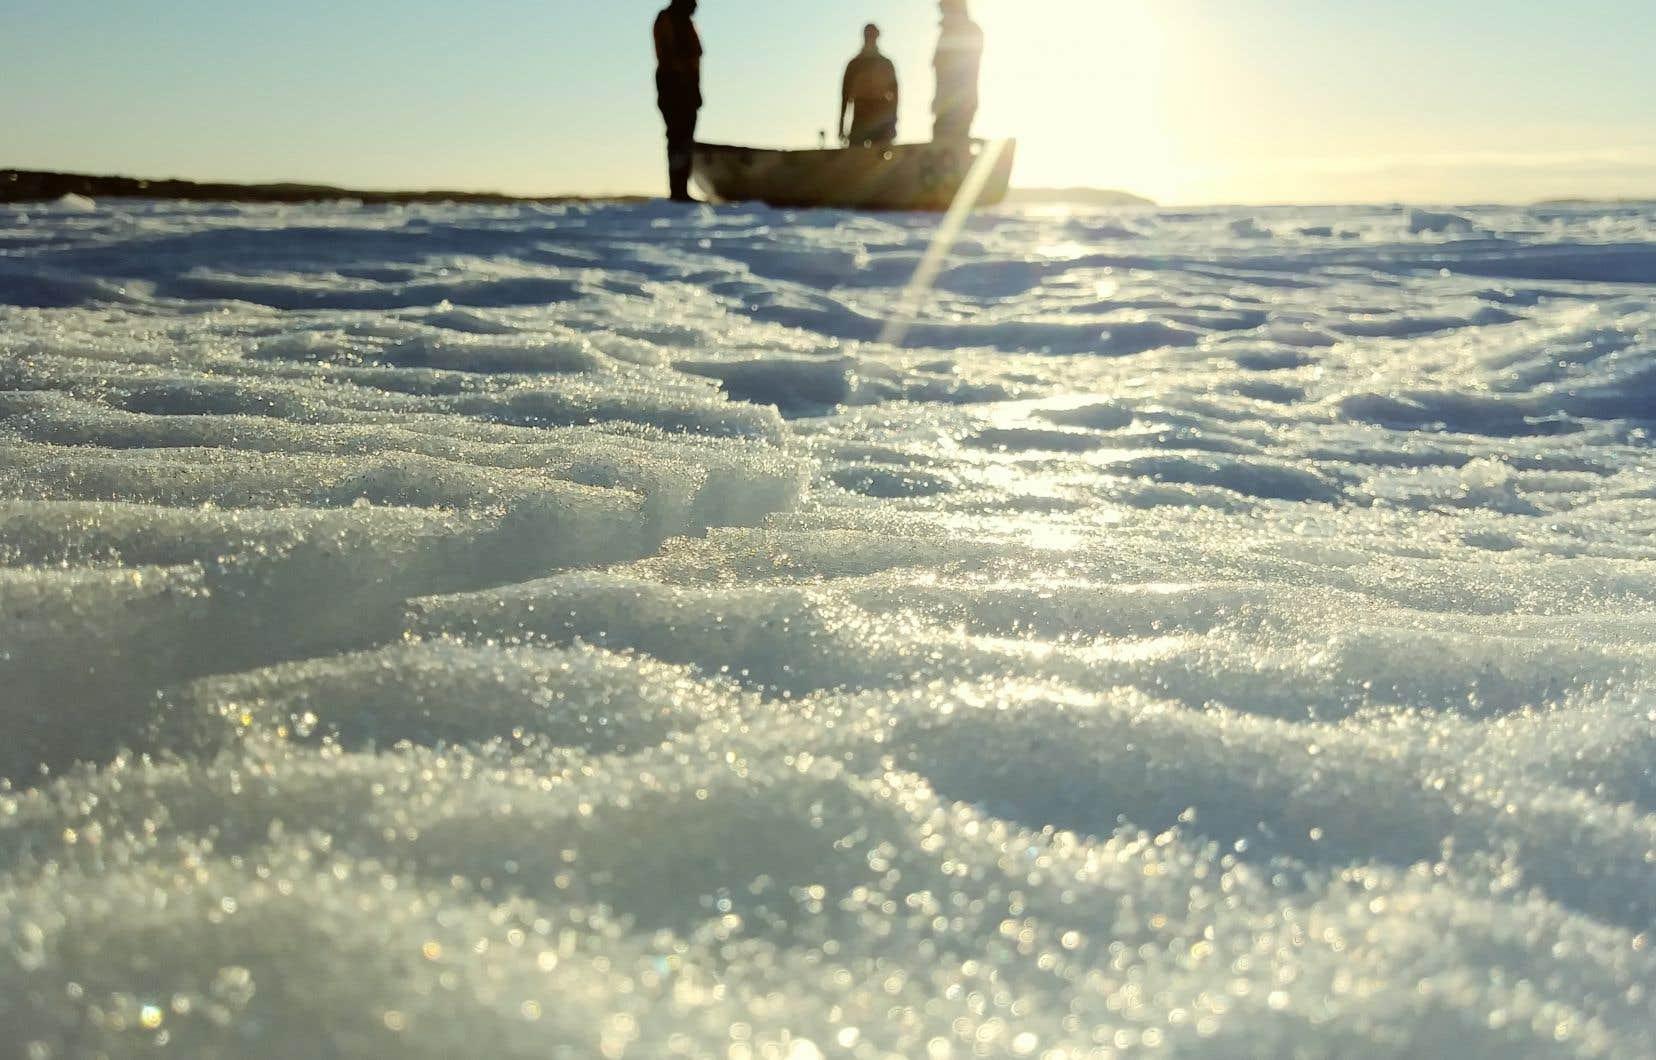 Utilisation d'un canot à glace par un professeur de l'ISMER-UQAR et son équipe pour l'étude et la modélisation des interactions entre les vagues et la glace de mer